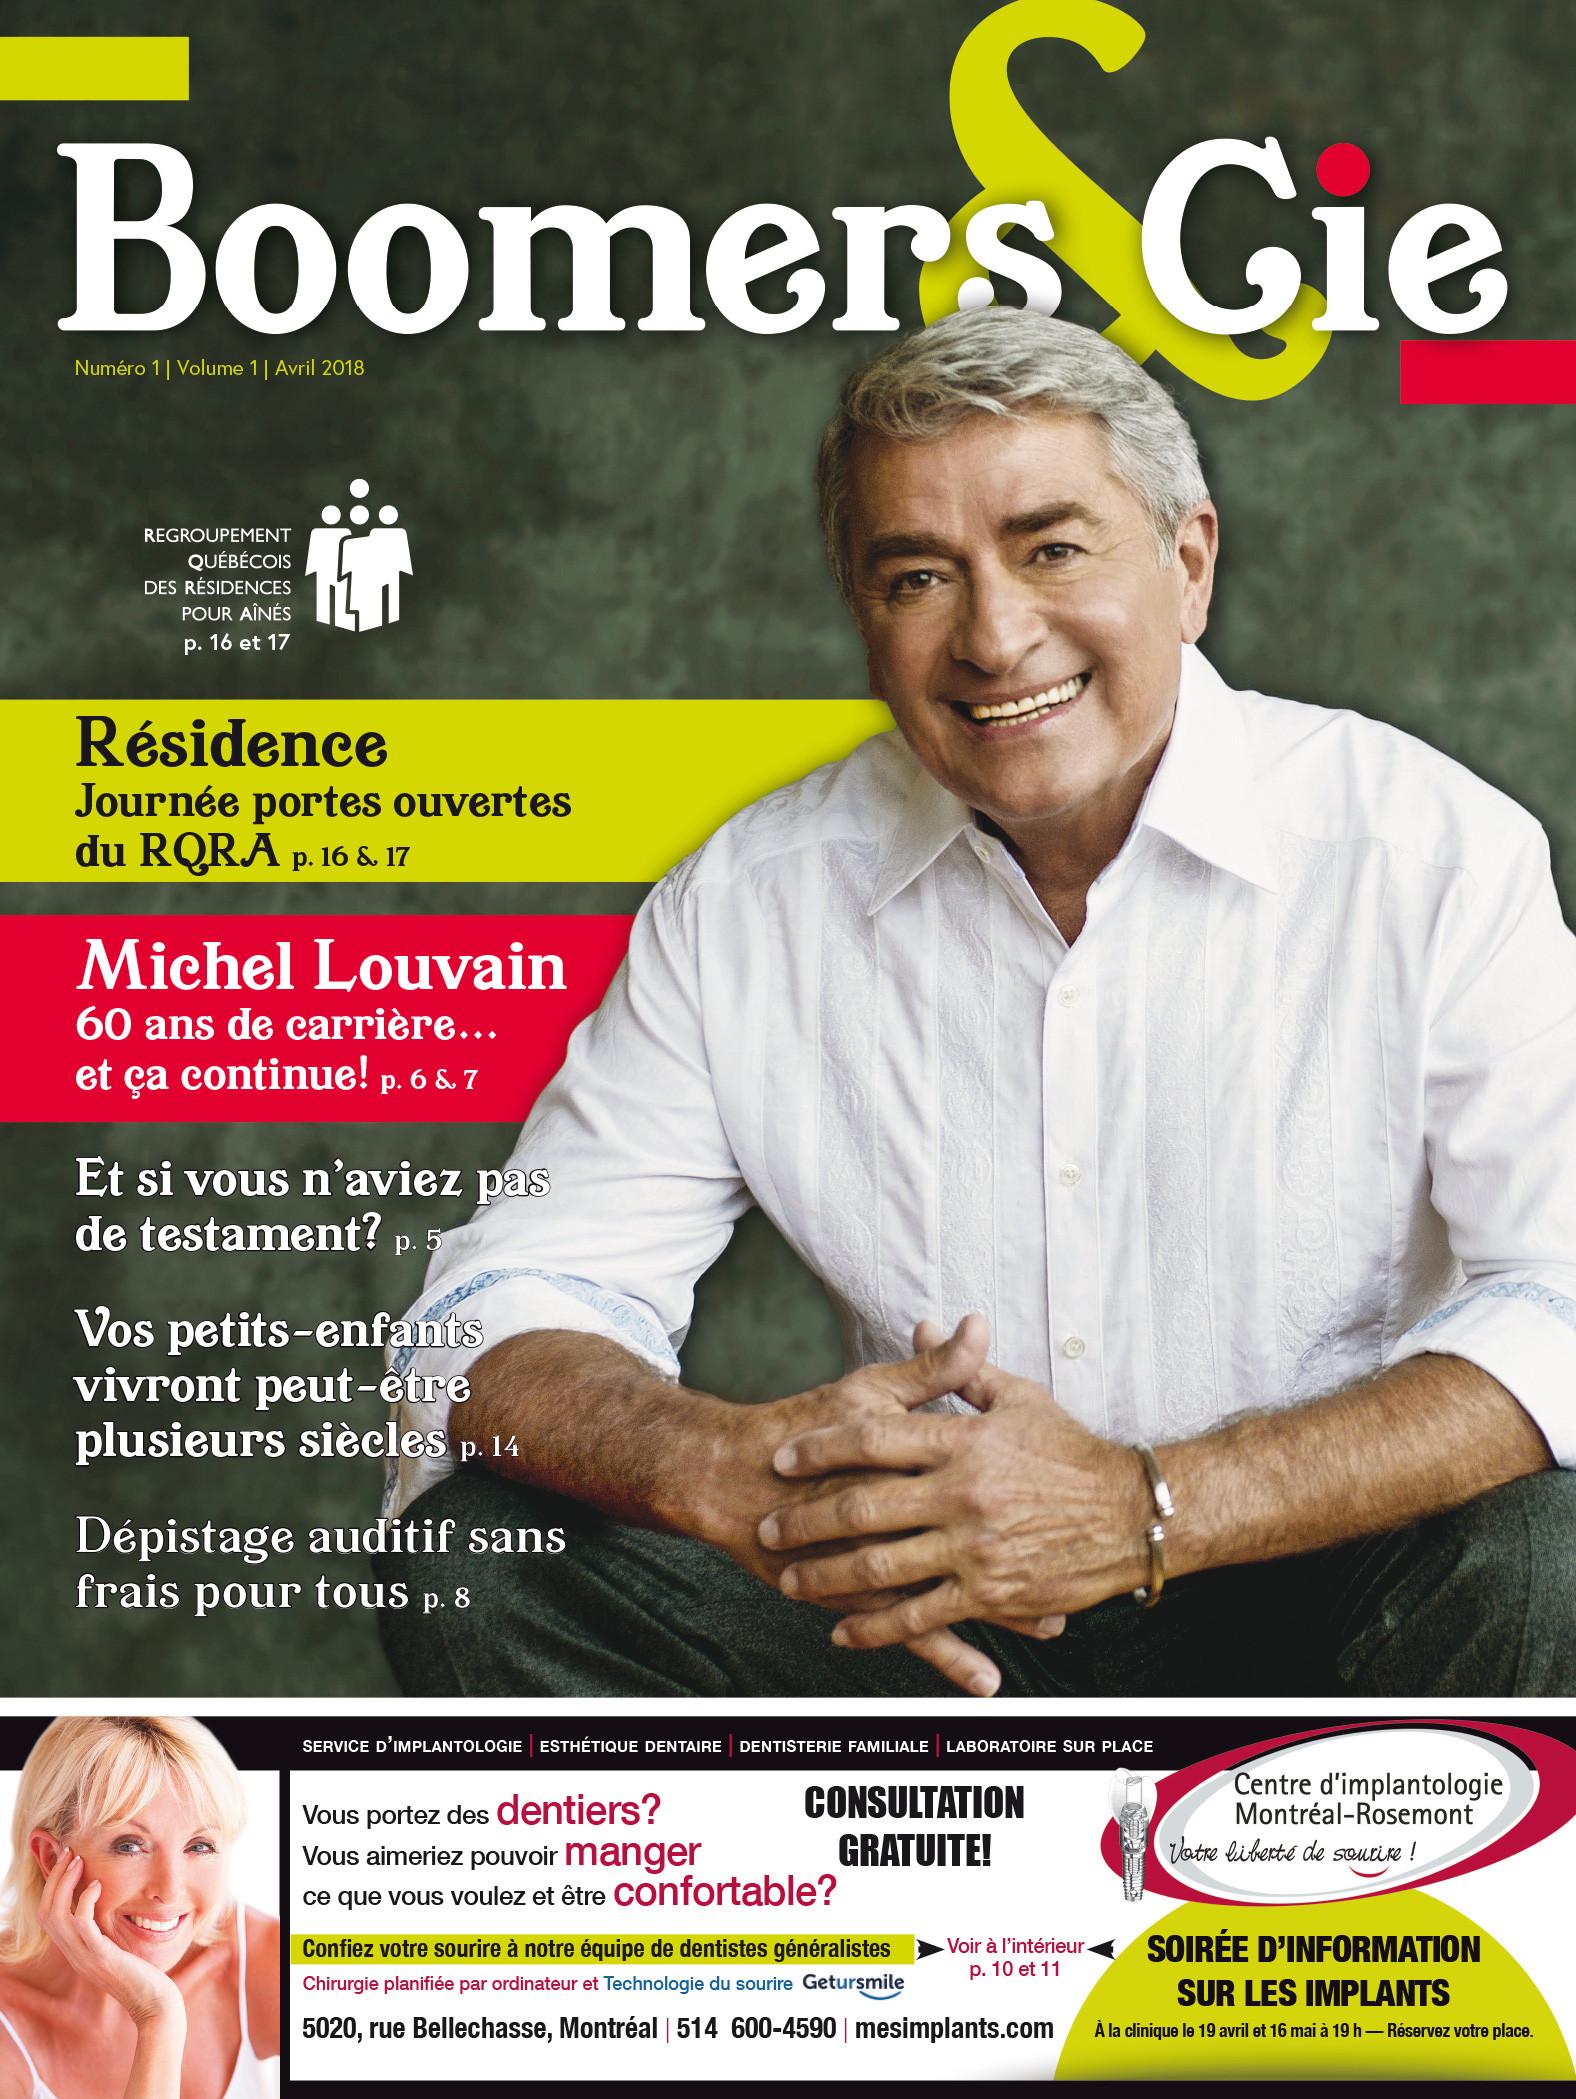 Michel Louvin